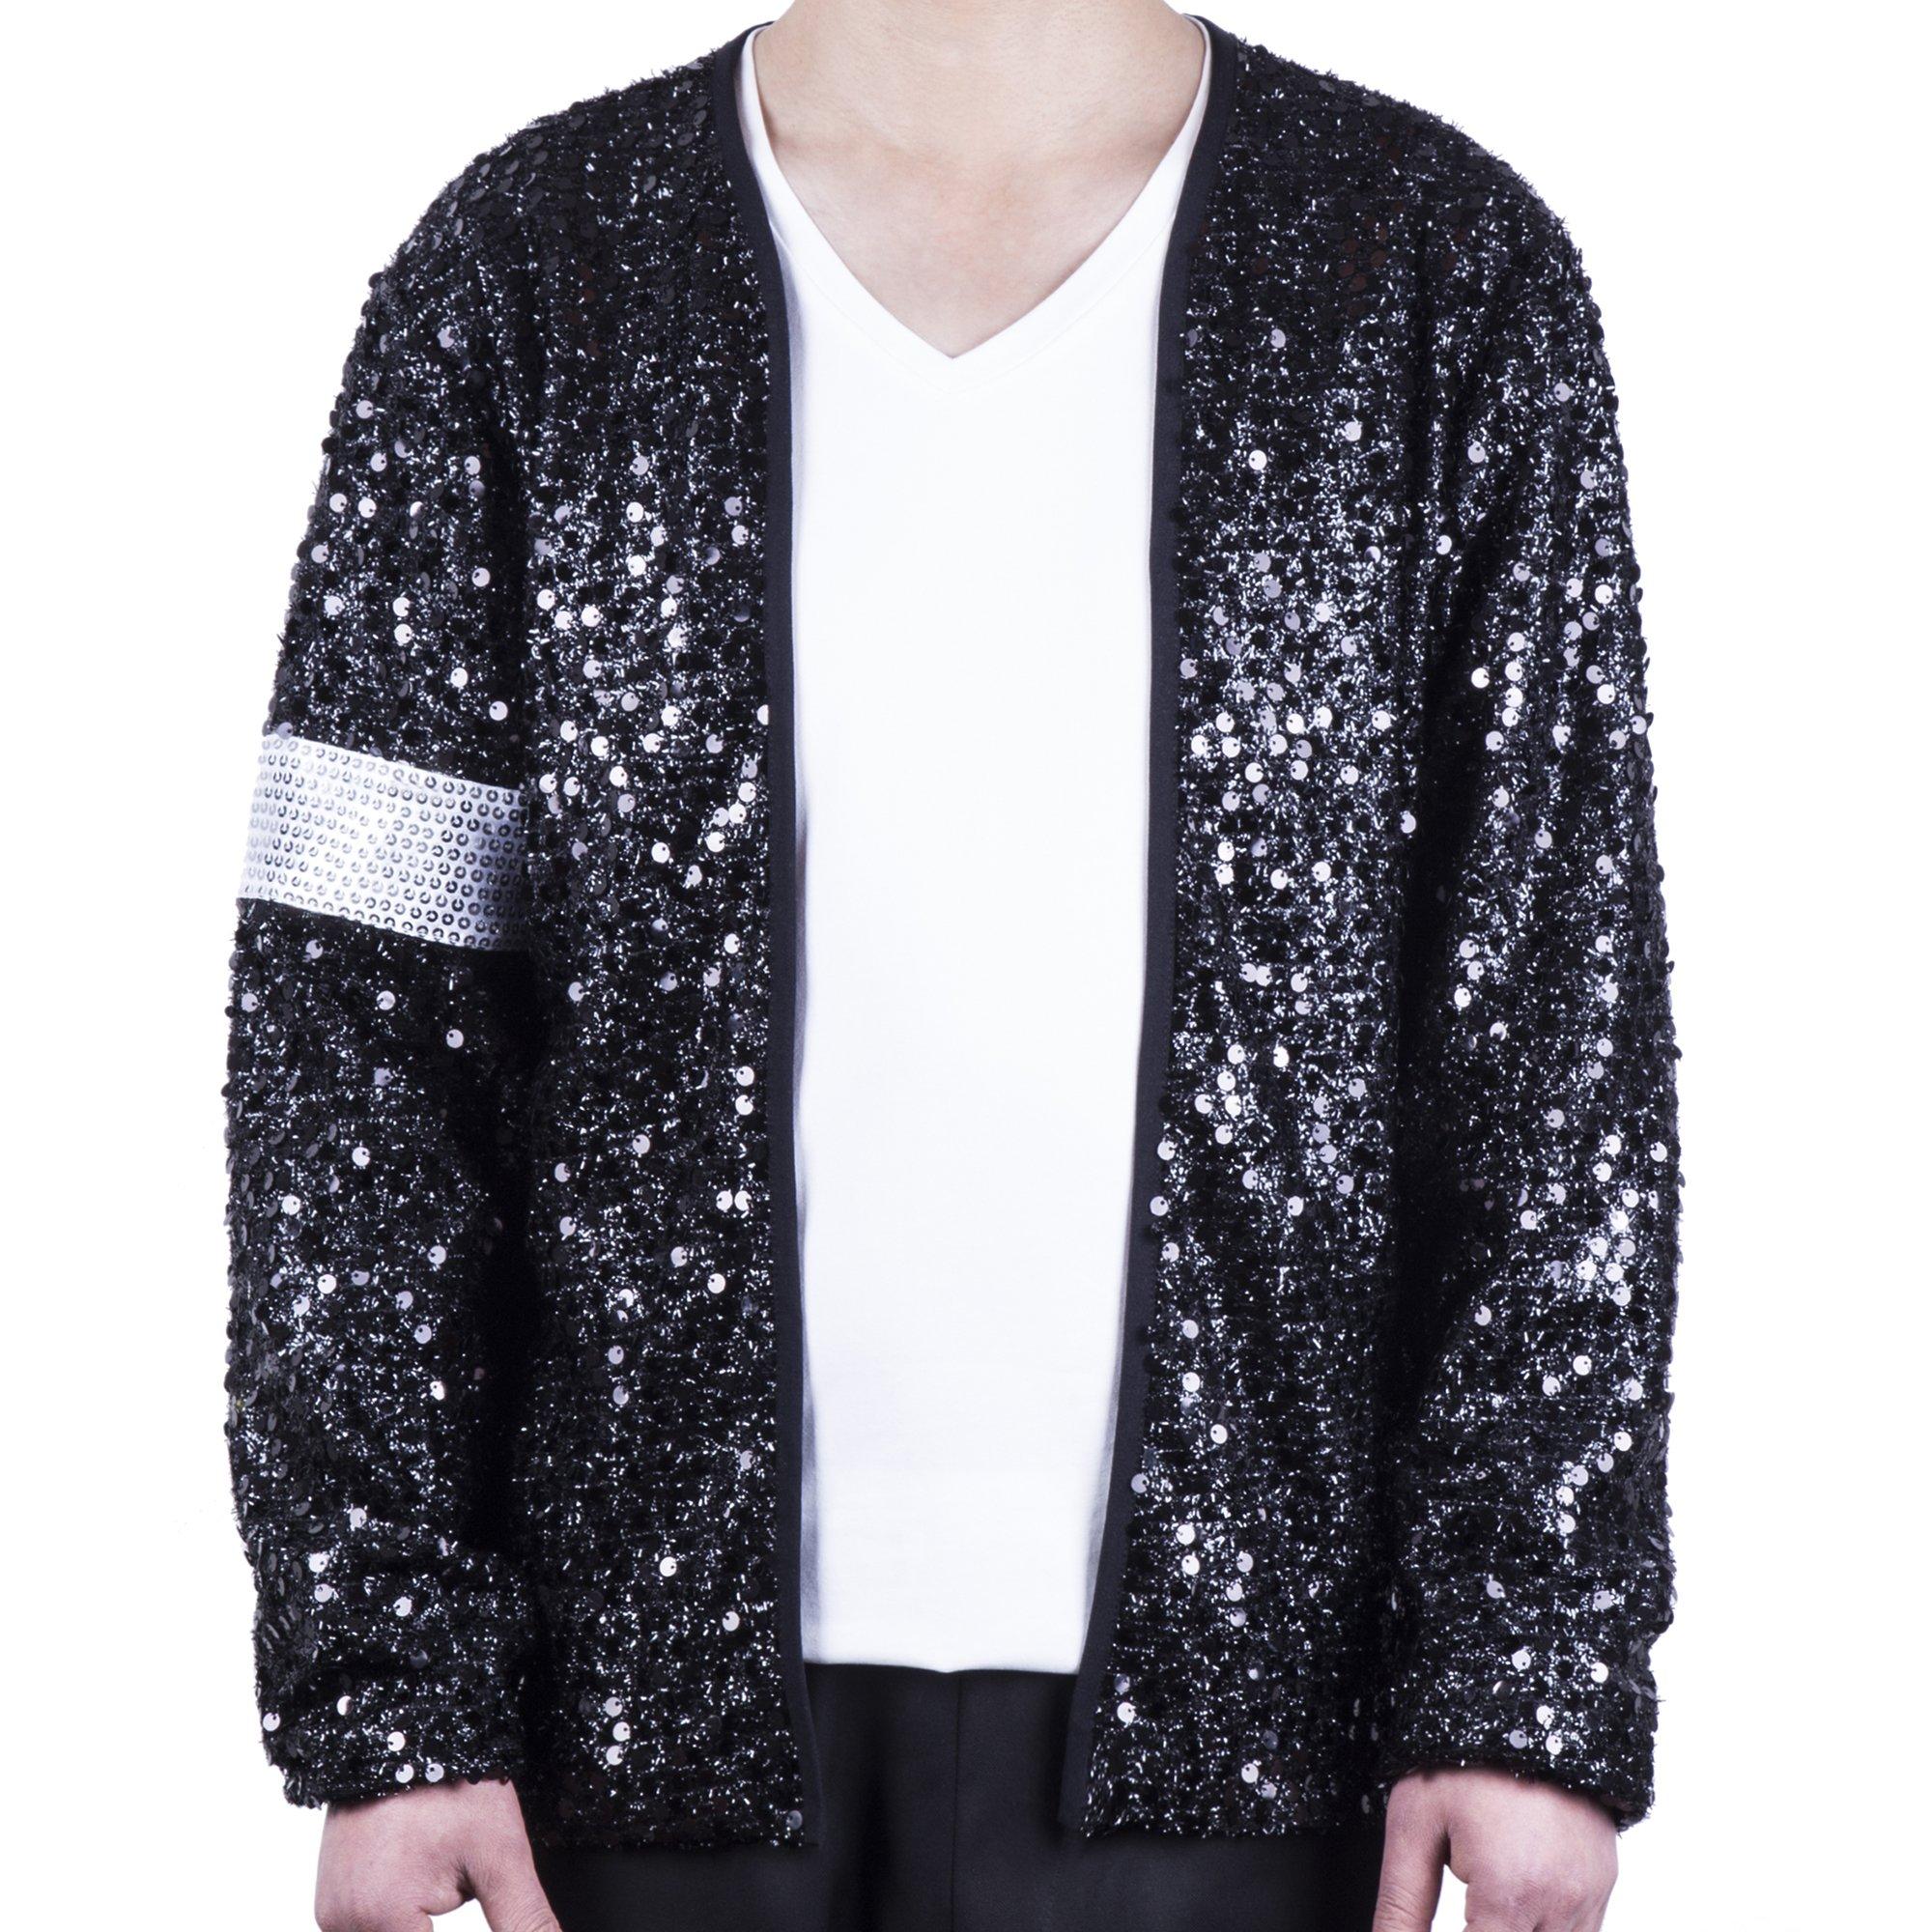 MJB2C - Billie Jean Costume Armband Sequin Jacket (Adult X-Small) Black by MJB2C